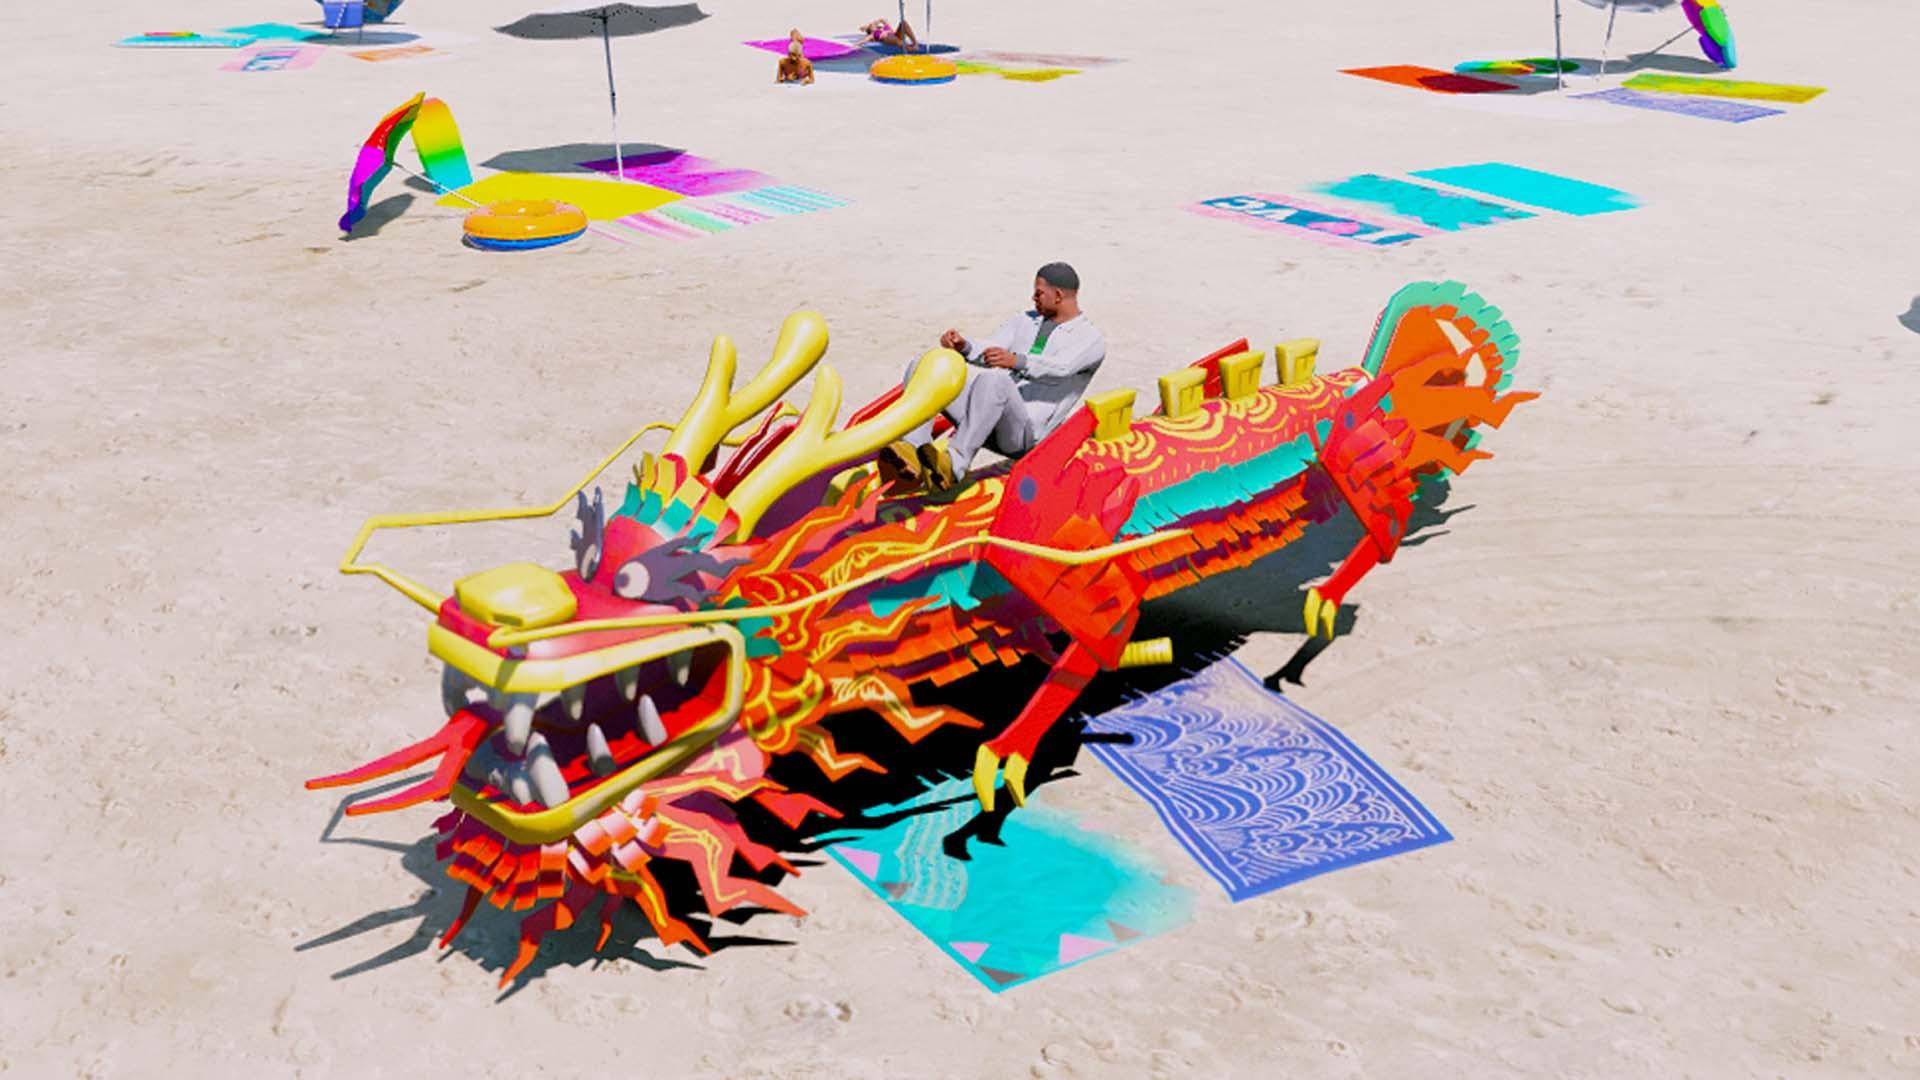 gta-5-mod-fortnite-dragon-glider-car